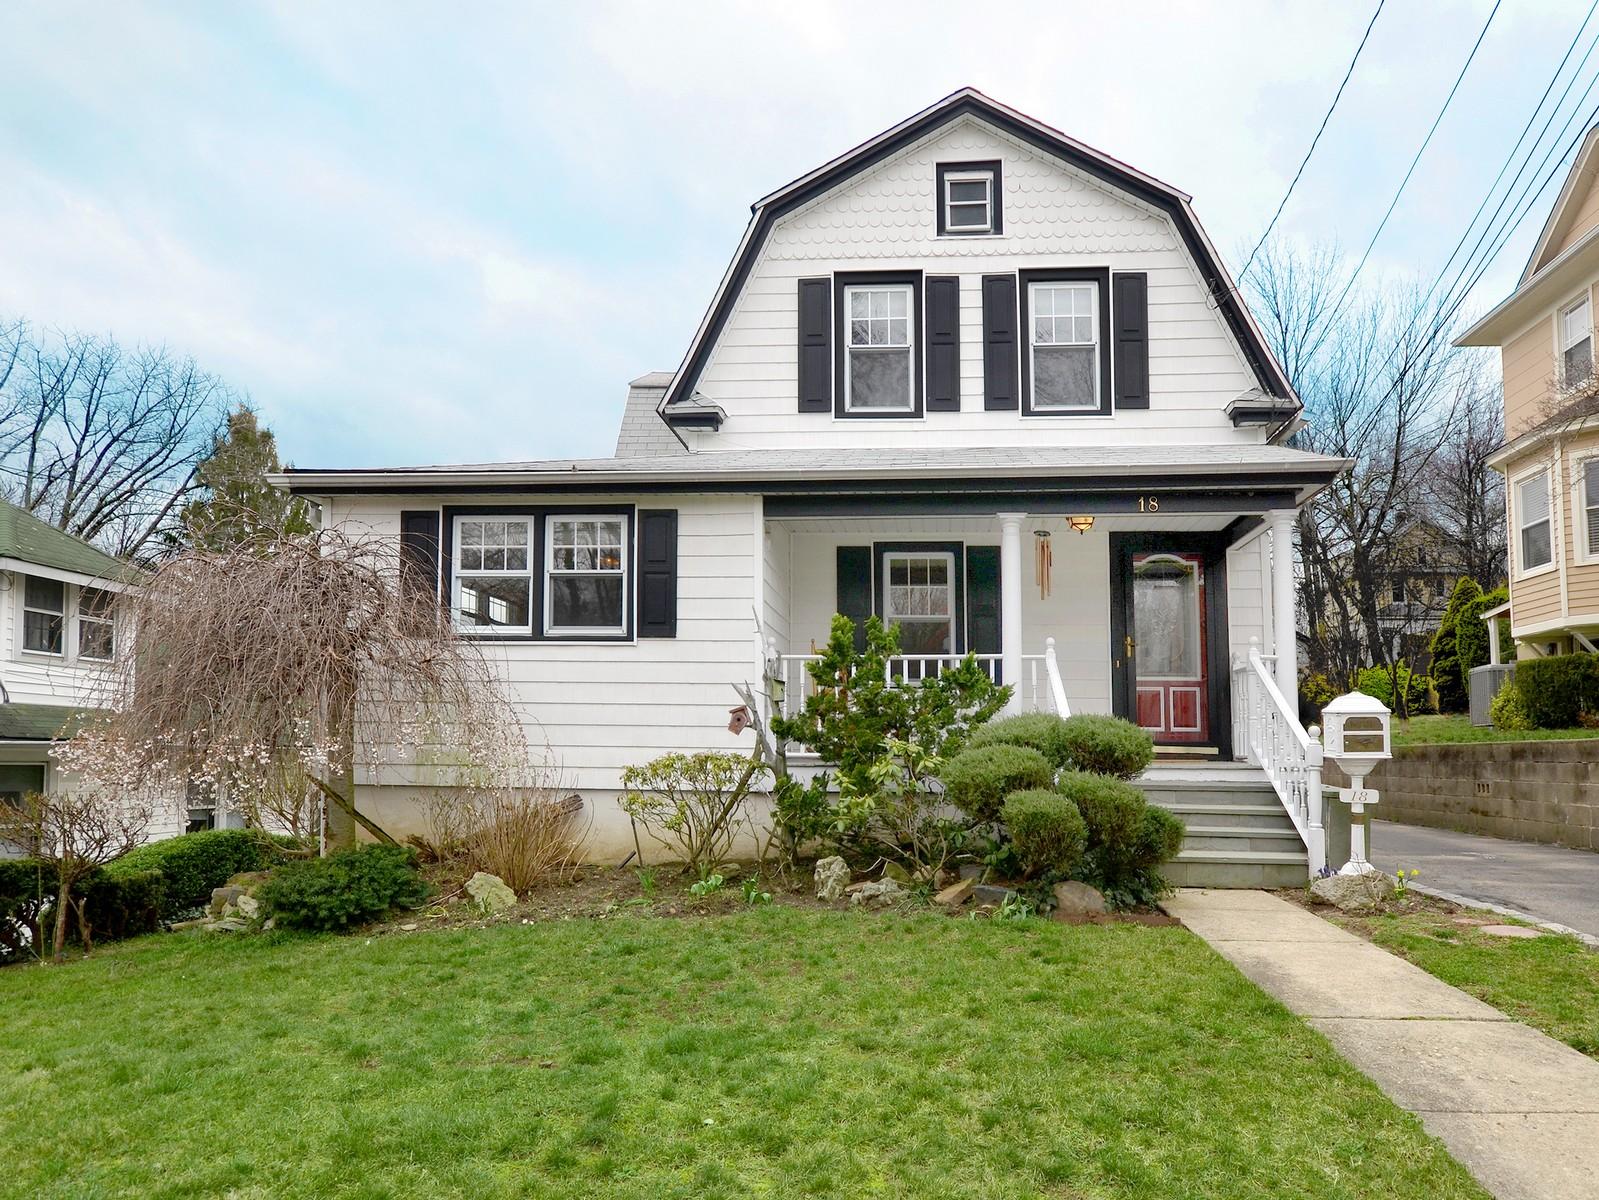 Casa para uma família para Venda às Colonial 18 Adams St Port Washington, Nova York, 11050 Estados Unidos